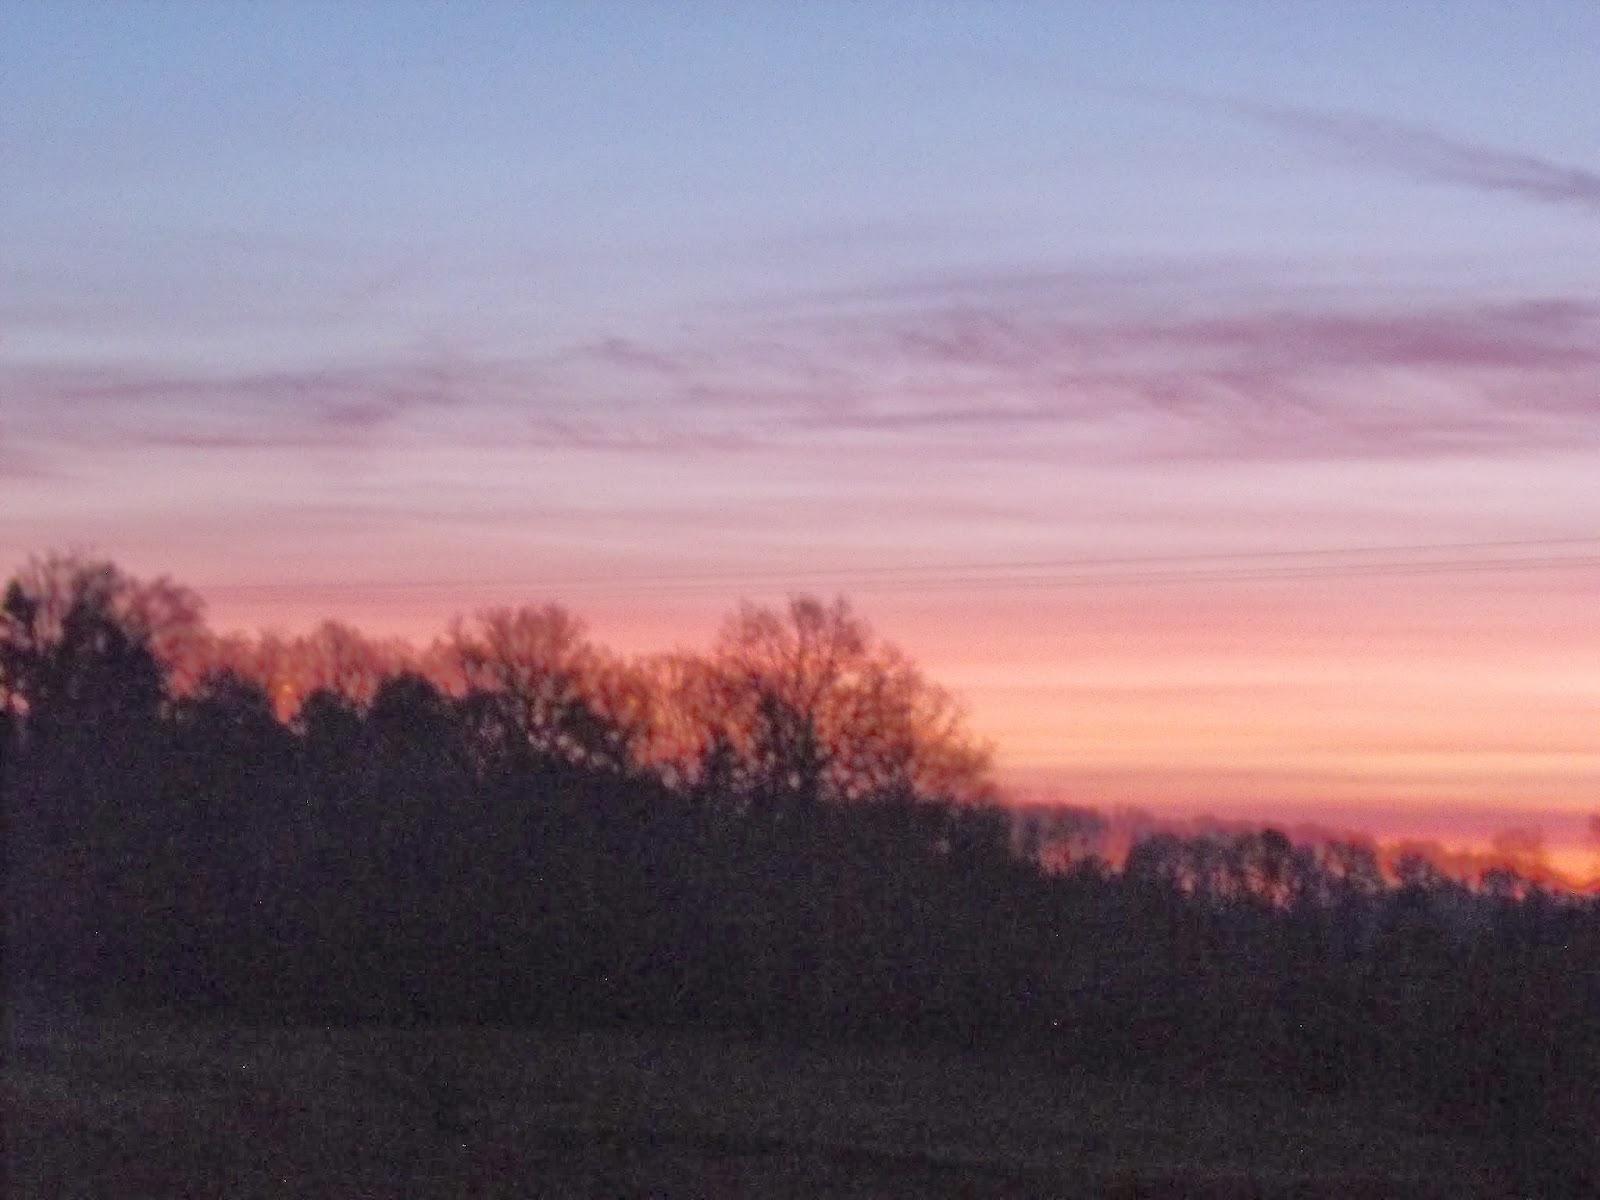 Tidig morgon, Sösdala, morgon, Vacker natur, underbart, livet på landet, landsbygden